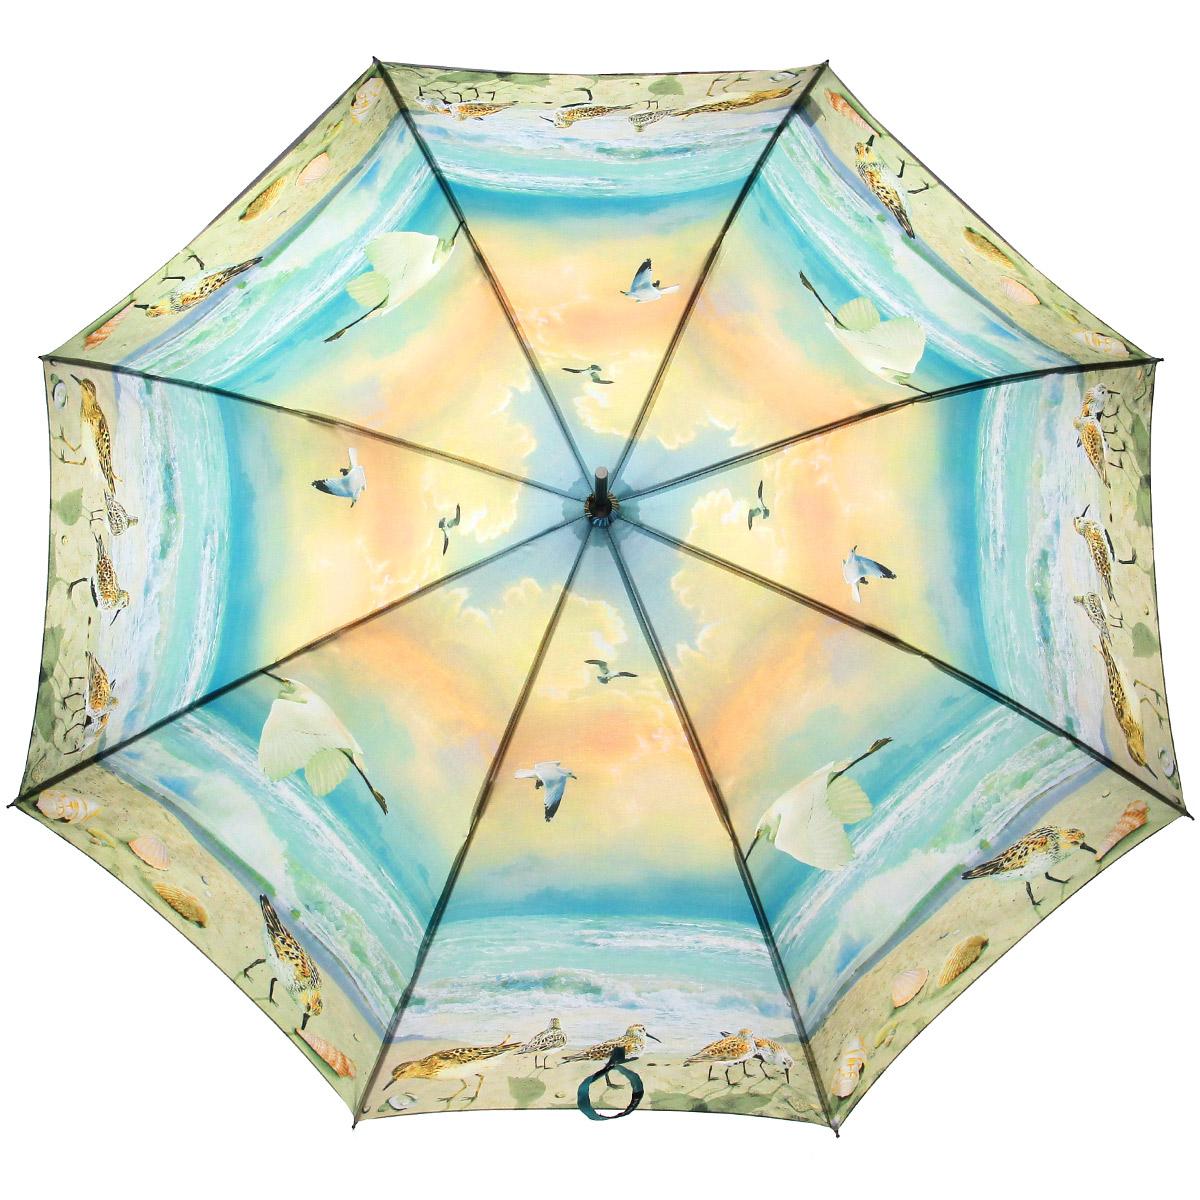 Зонт-трость Flioraj Пляж, полуавтомат, голубой, желтый001-11 FJЭлегантный полуавтоматический зонт-трость Flioraj Пляж даже в ненастную погоду позволит вам подчеркнуть свою индивидуальность. Каркас зонта из анодированной стали состоит из восьми карбоновых спиц, а рукоятка закругленной формы разработана с учетом требований эргономики и покрыта искусственной кожей. Зонт снабжен системой Антиветер. Зонт имеет полуавтоматический механизм сложения: купол открывается нажатием кнопки на рукоятке, а закрывается вручную до характерного щелчка. Купол зонта выполнен из прочного полиэстера с тефлоновой пропиткой и оформлен оригинальным изображением чаек на фоне пляжа. Закрытый купол фиксируется хлястиком на липучке. Такой зонт не только надежно защитит вас от дождя, но и станет стильным аксессуаром.